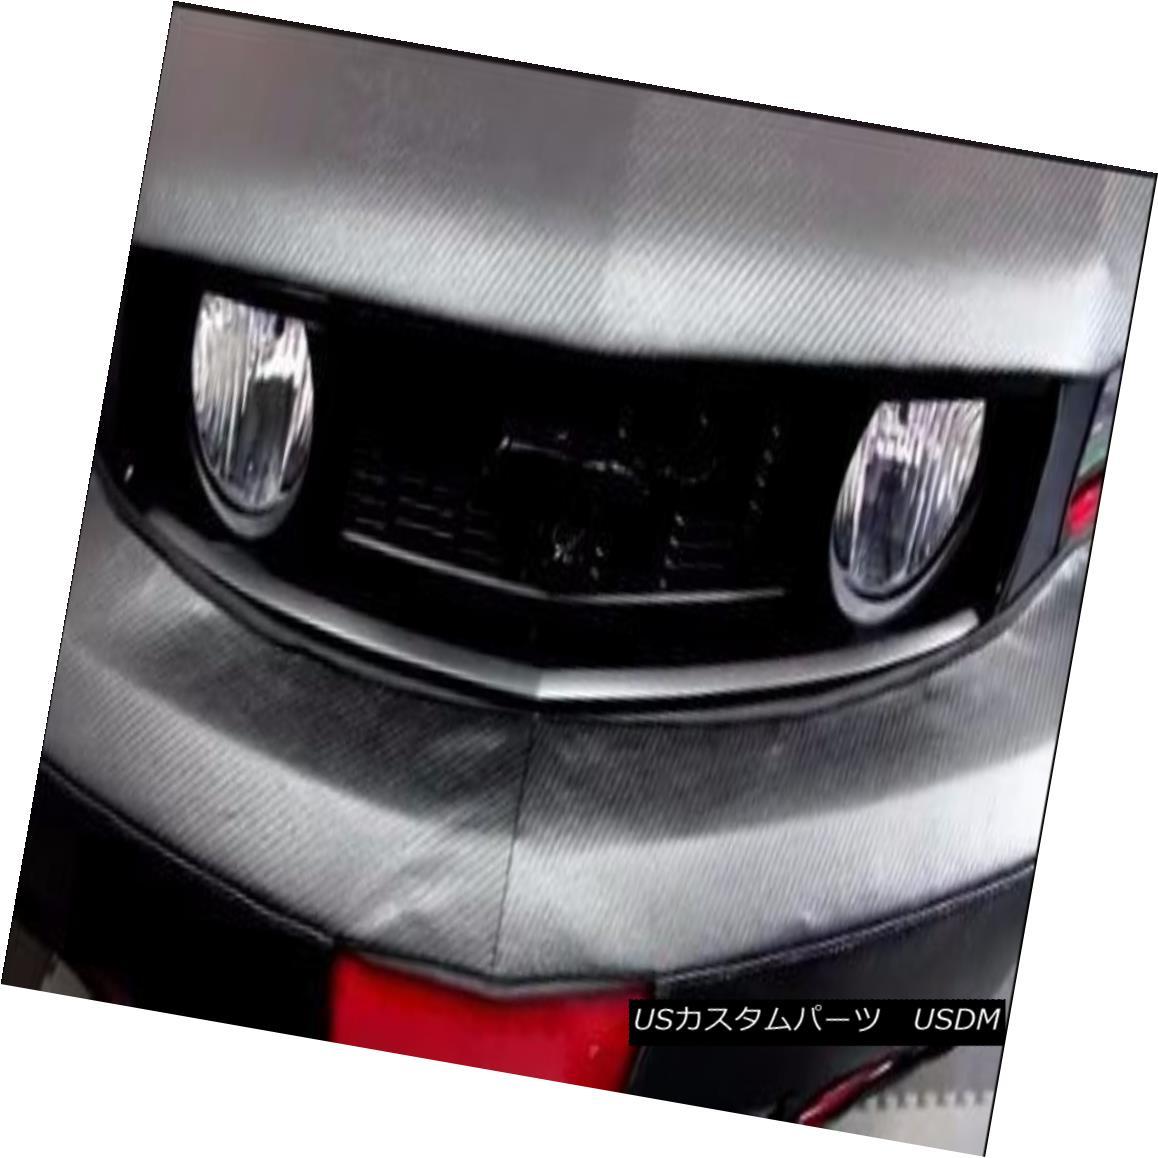 フルブラ ノーズブラ Colgan Front End Mask Bra CF 2p Fits Mercedes-Benz E320 & E350 W/Lic.Plate 03-05 Colganフロントエンドマスクブラ、CF 2p Mercedes-Benz E320& E350 W / Lic.Plate 03-05